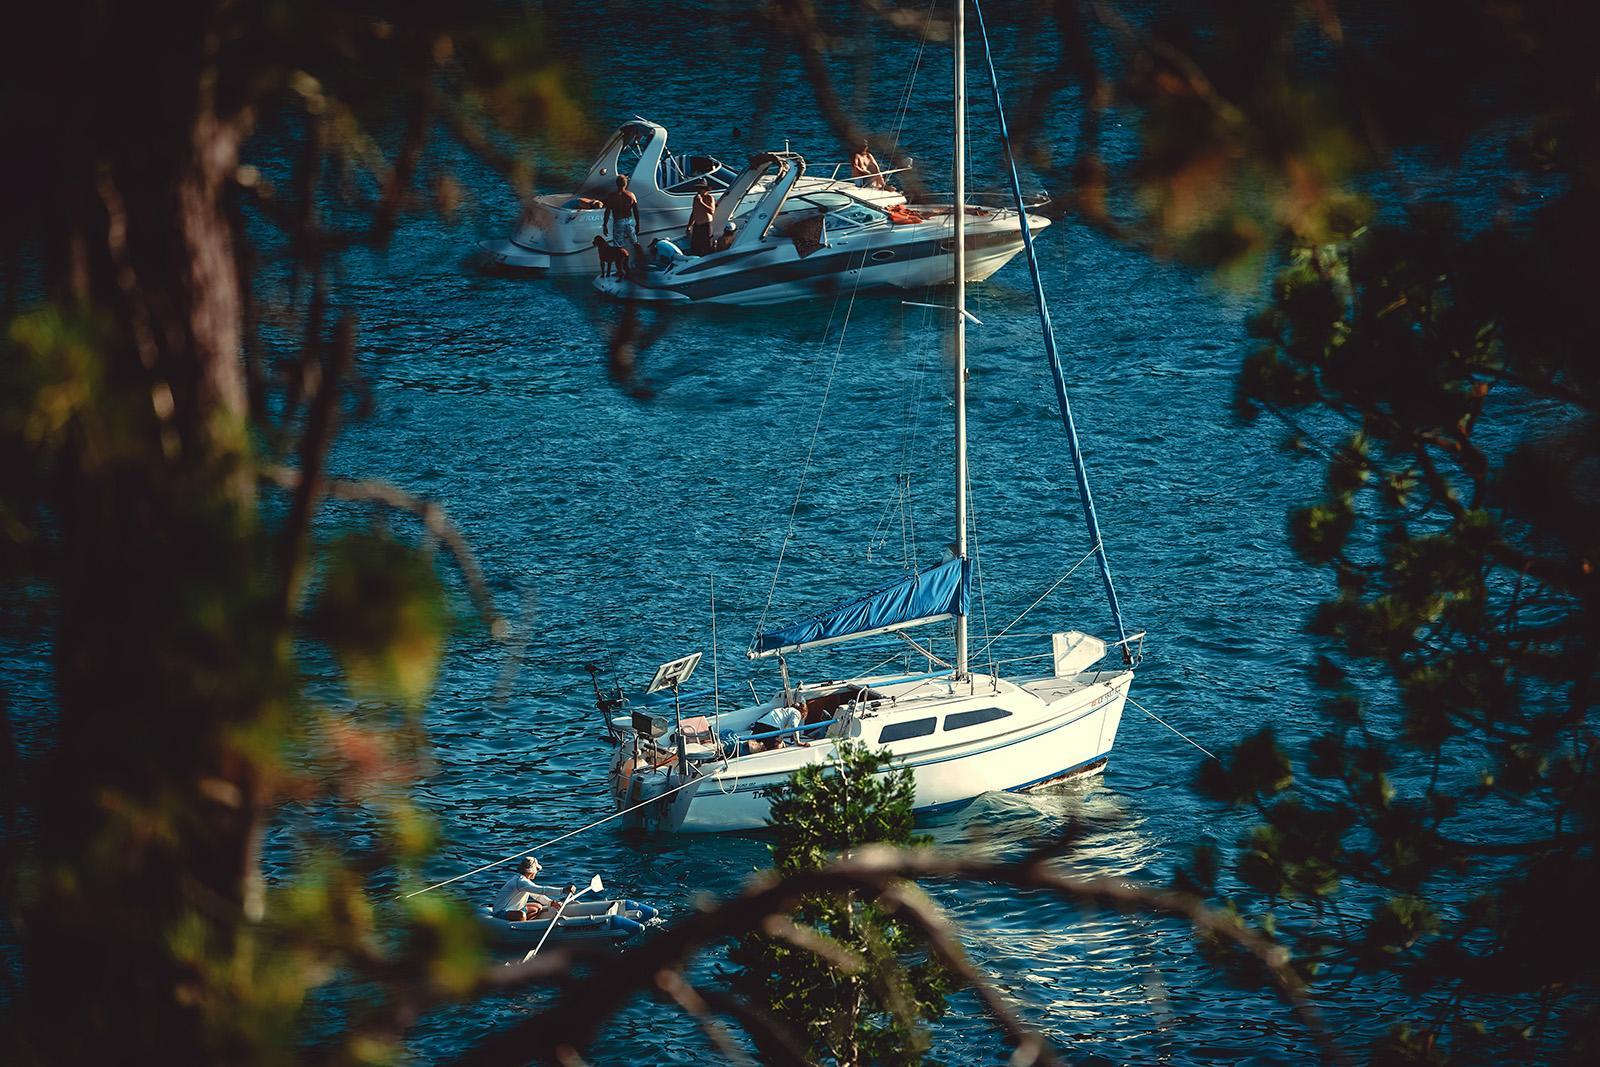 Båd til familien og dig? Hvad er den rigtige båd til dit behov?